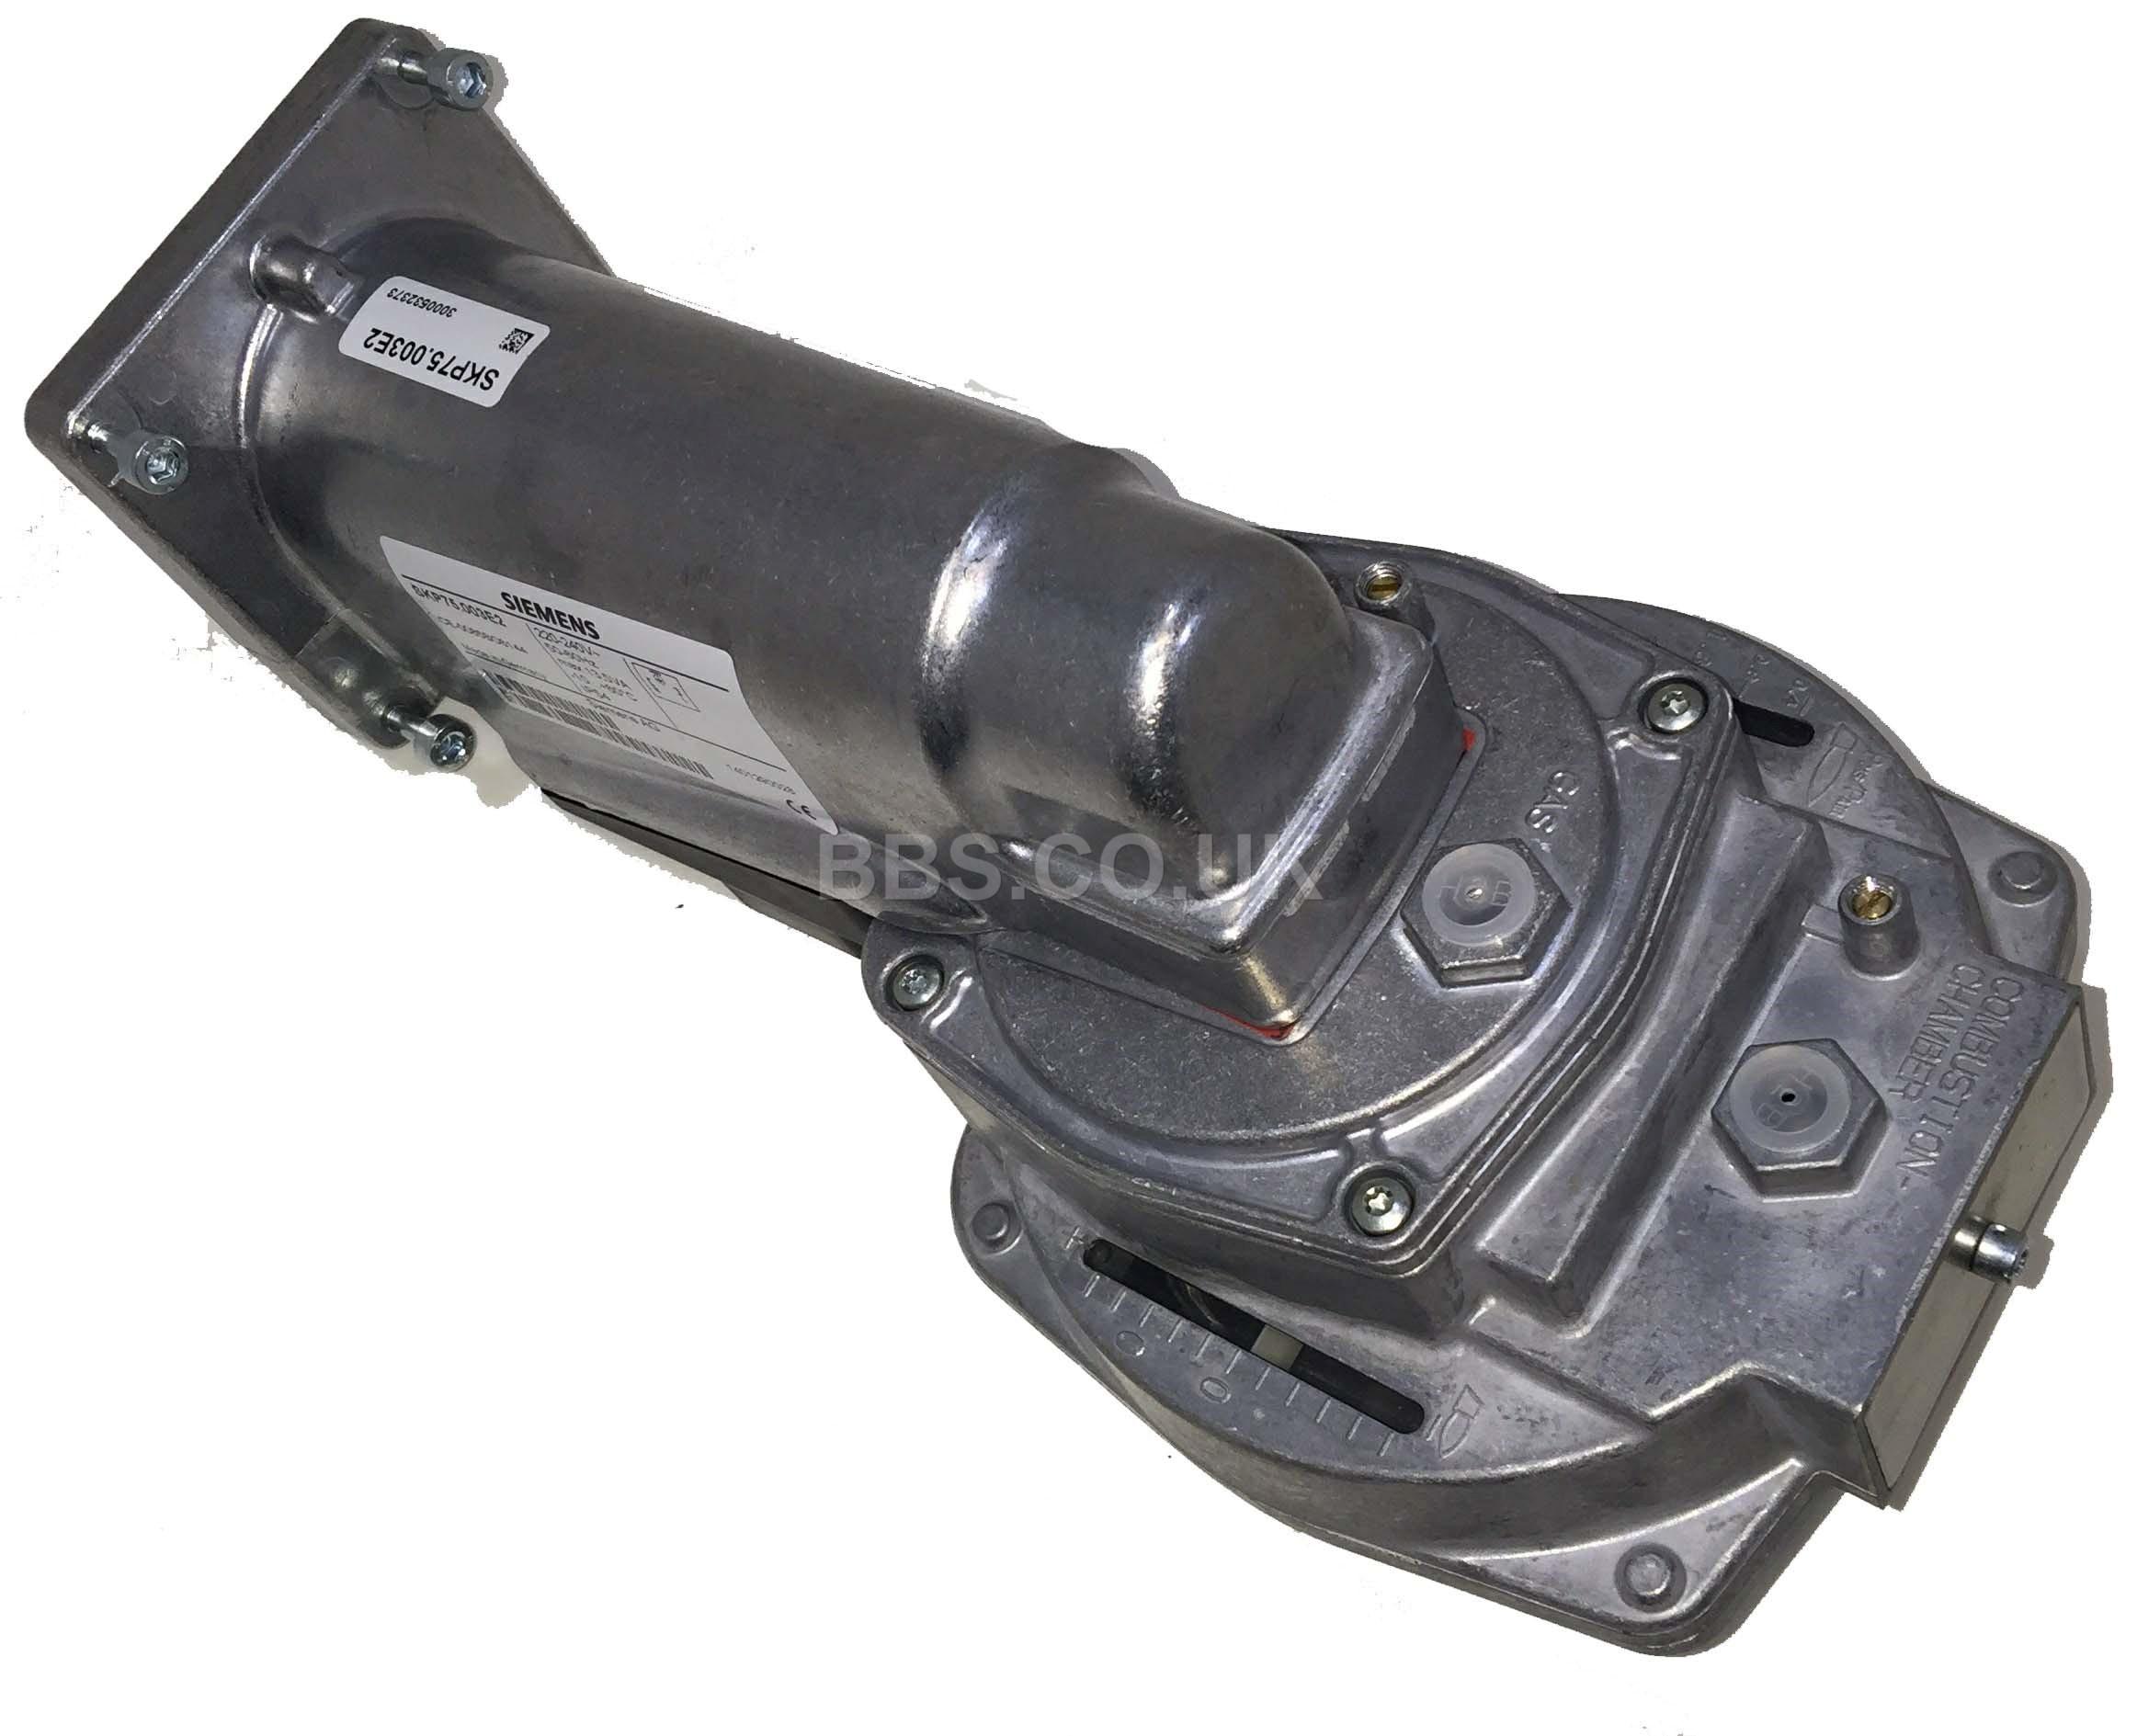 SIEMENS GAS VALVE ACTUATOR SKP75.003E2 220-240V